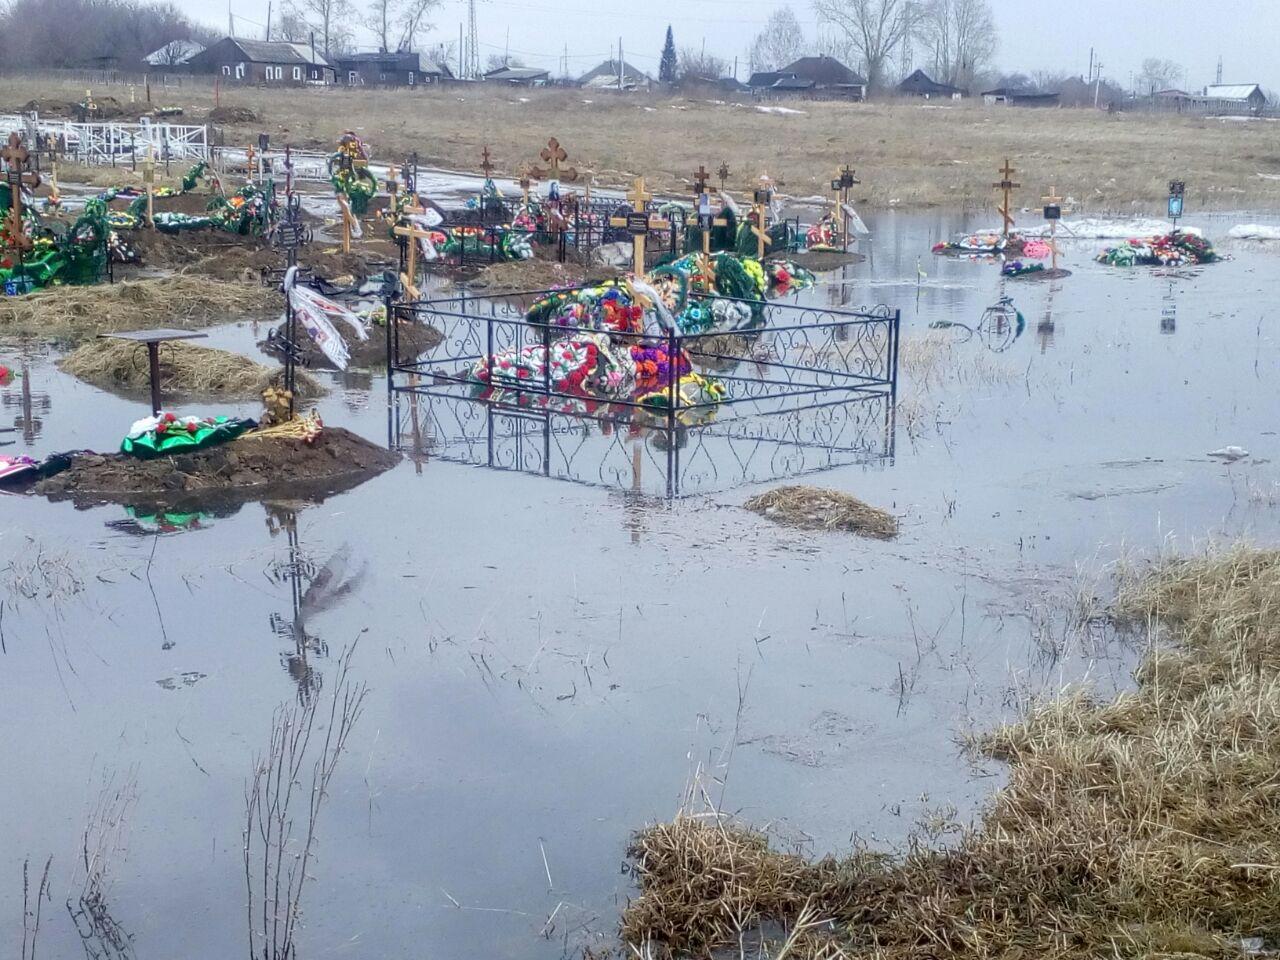 8IJacfhHBgo - Вот так выглядят могилки в посёлке ЧЕРТА!!!